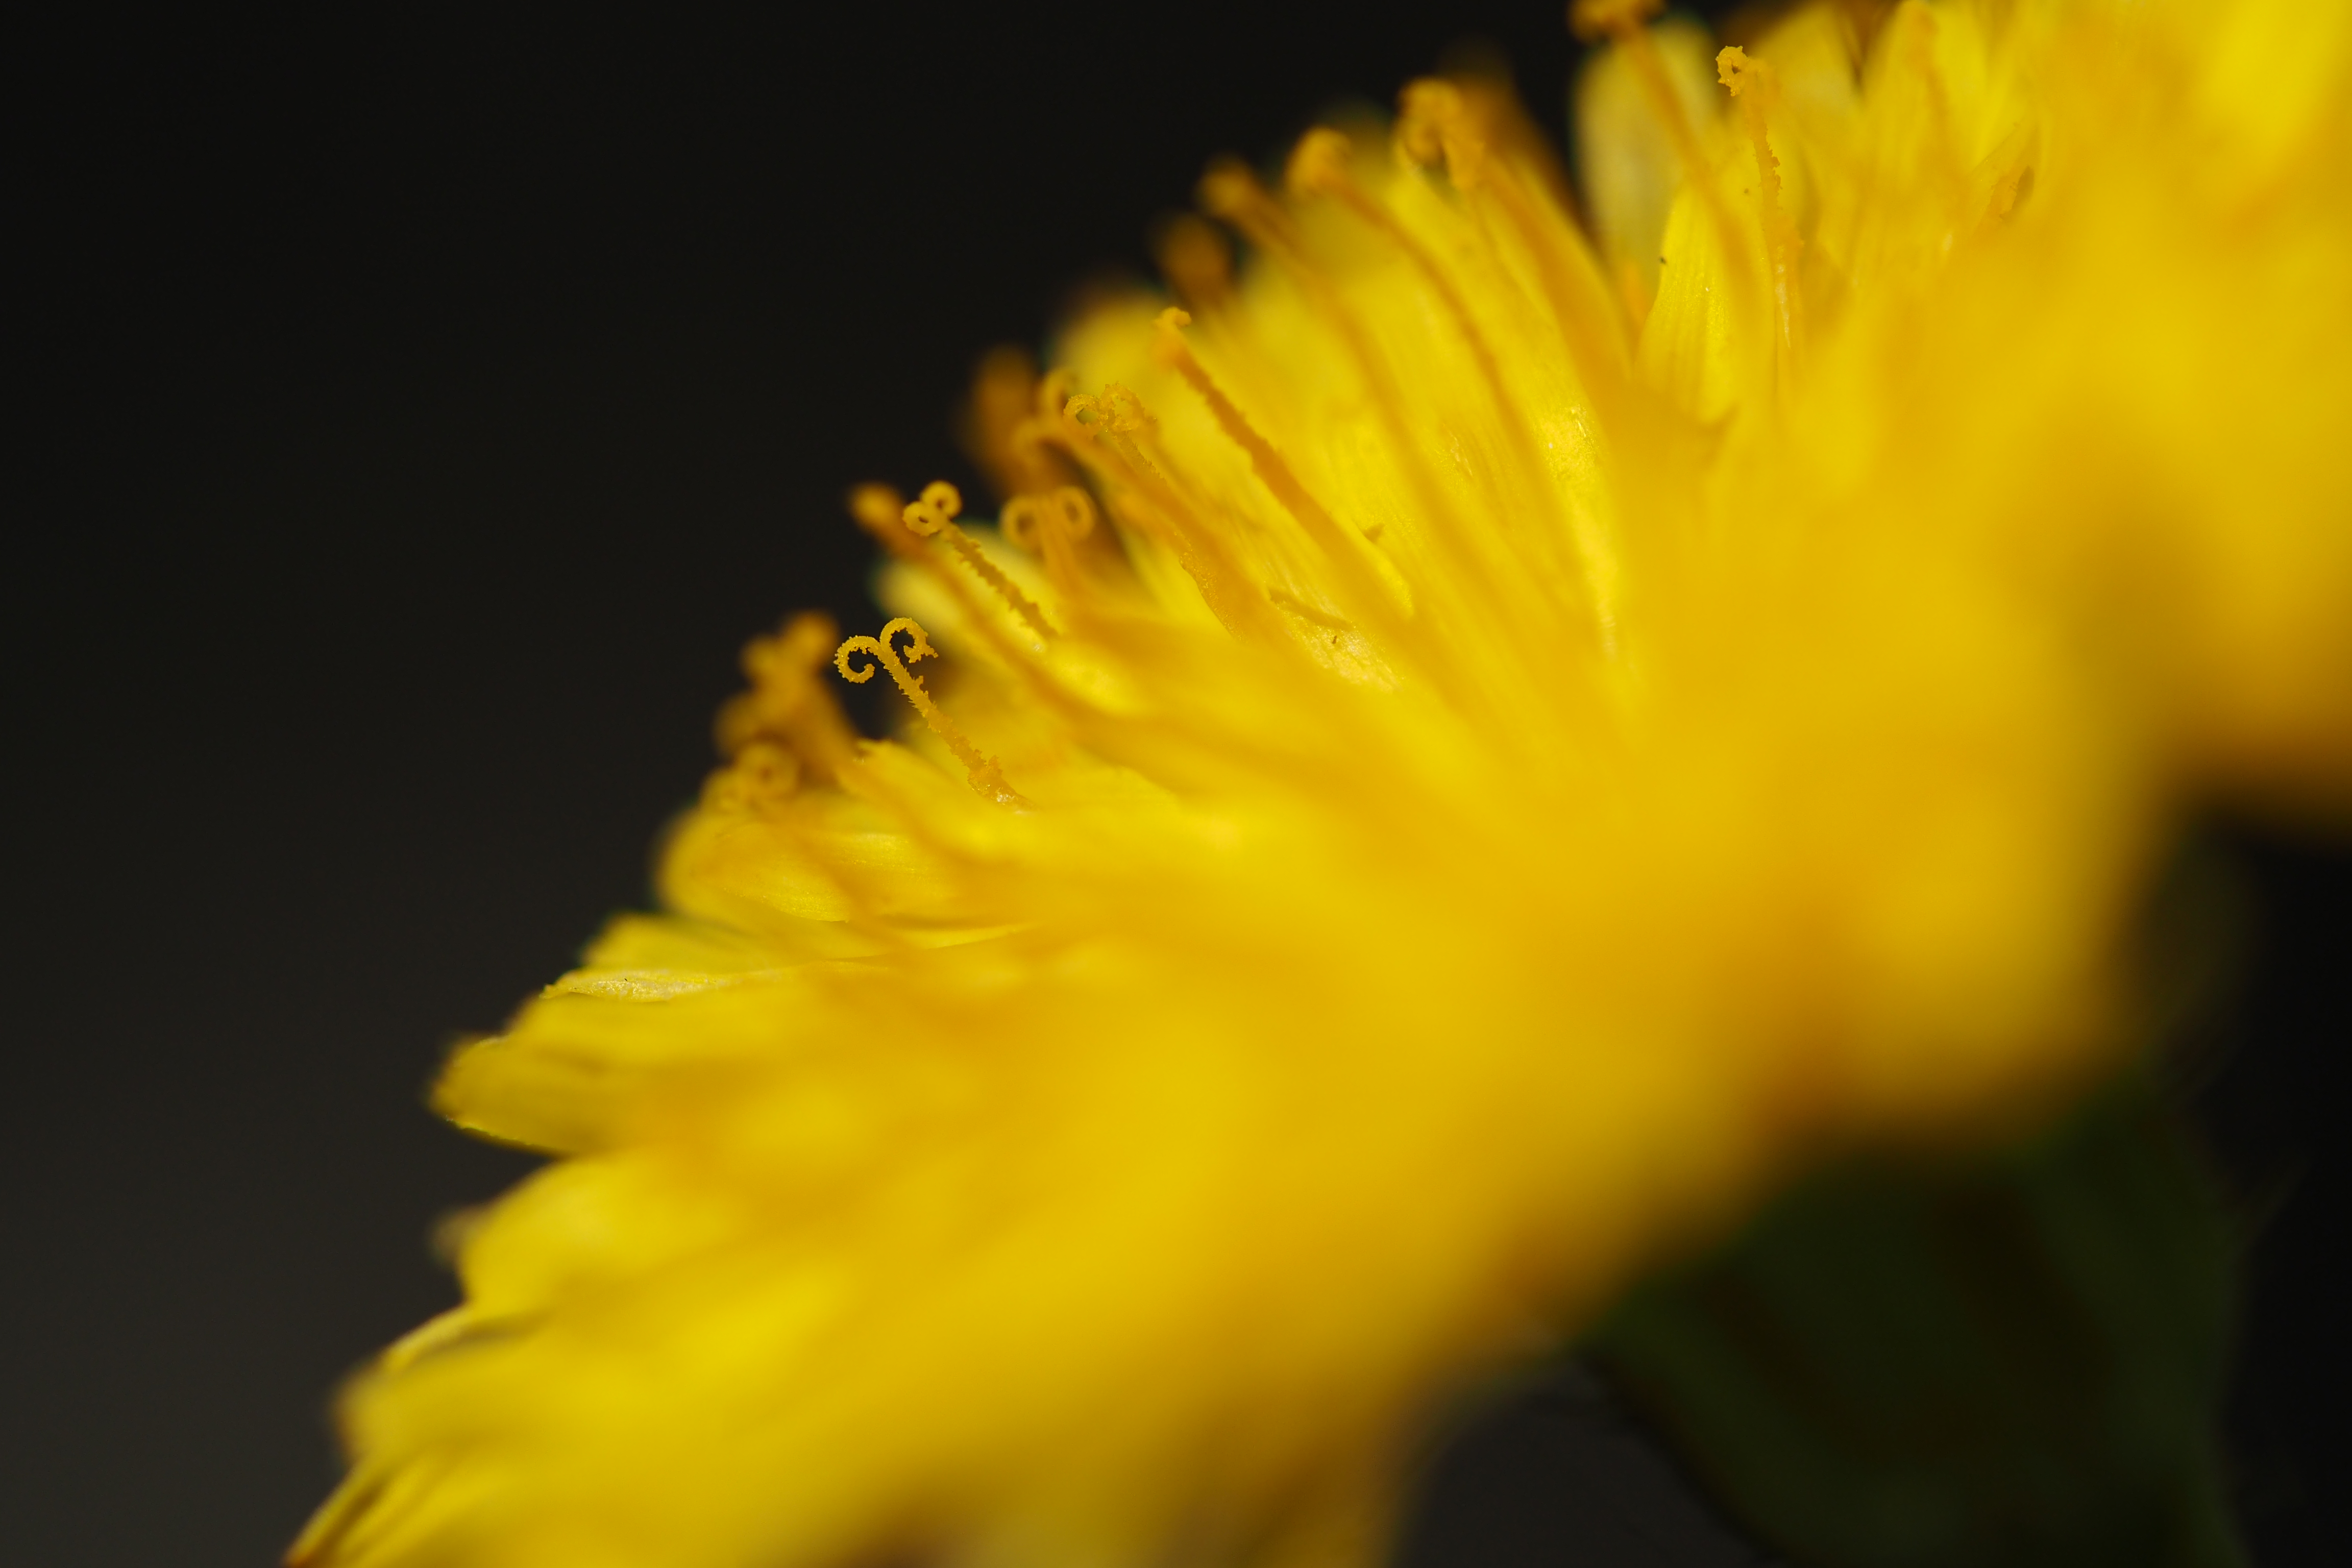 近接域のキレは遠景よりも数段上に感じる。花粉の粒が数えられそうなシャープさ。絞り開放でこれかよって思ってしまう。M.ZUIKO DIGITAL ED 60mm F2.8 Macro / 1/3,200秒 / F2.8 / +0.3EV / ISO200 / 絞り優先AE / WB:晴天 / 60mm